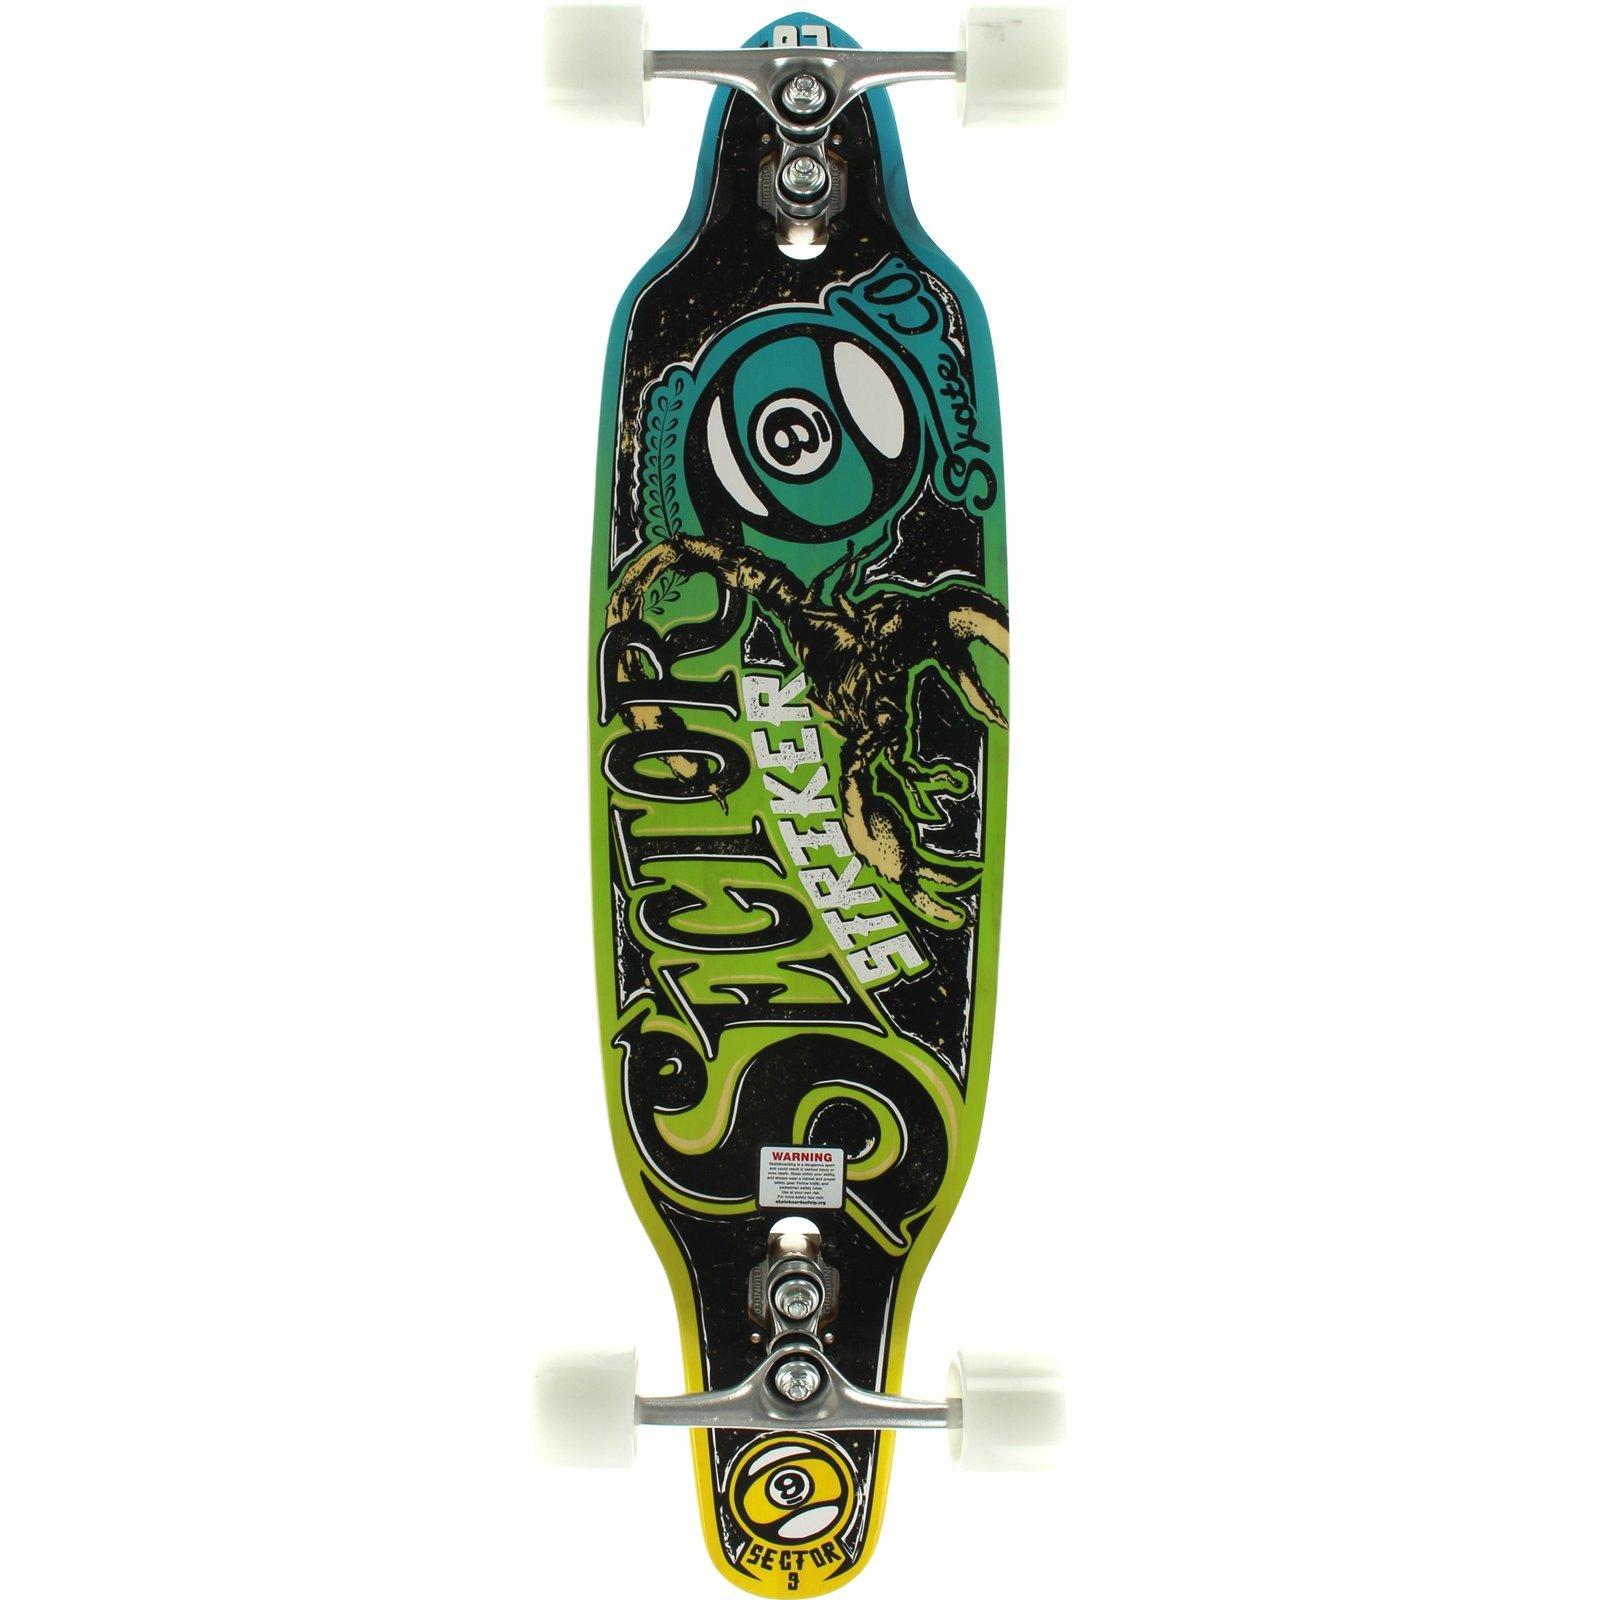 Sector 9 Striker III Blue 9.5x36.5 Sidewinder Complete Longboard Skateboard by Sector 9